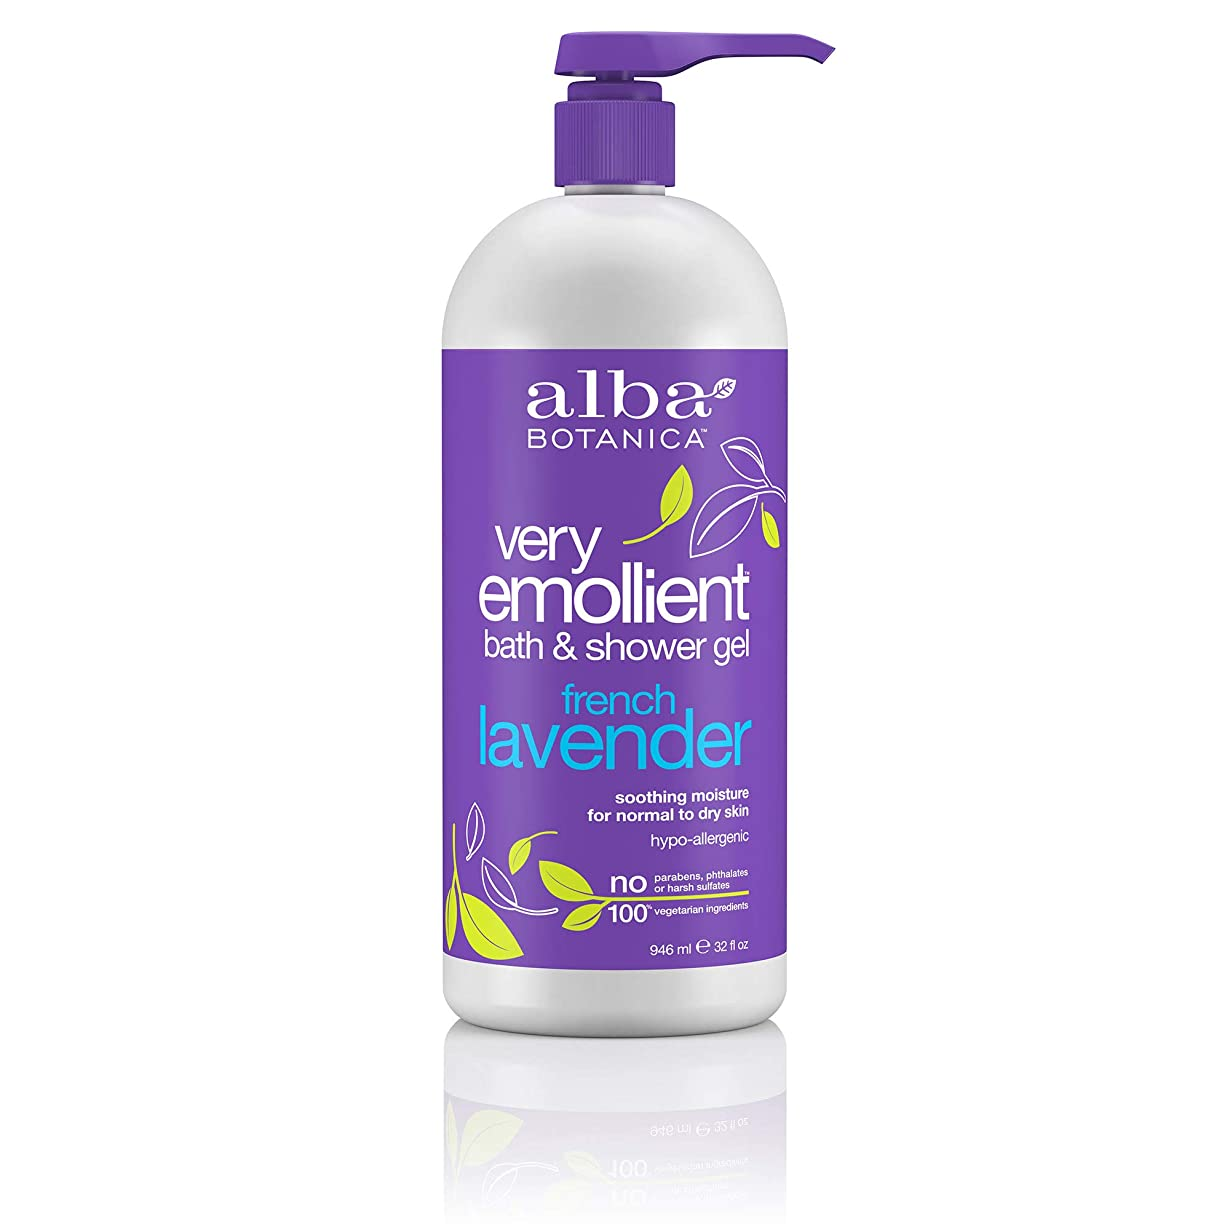 絶縁する重さ工場Alba Botanica, Very Emollient, Bath & Shower Gel, French Lavender, 32 fl oz (950 ml)